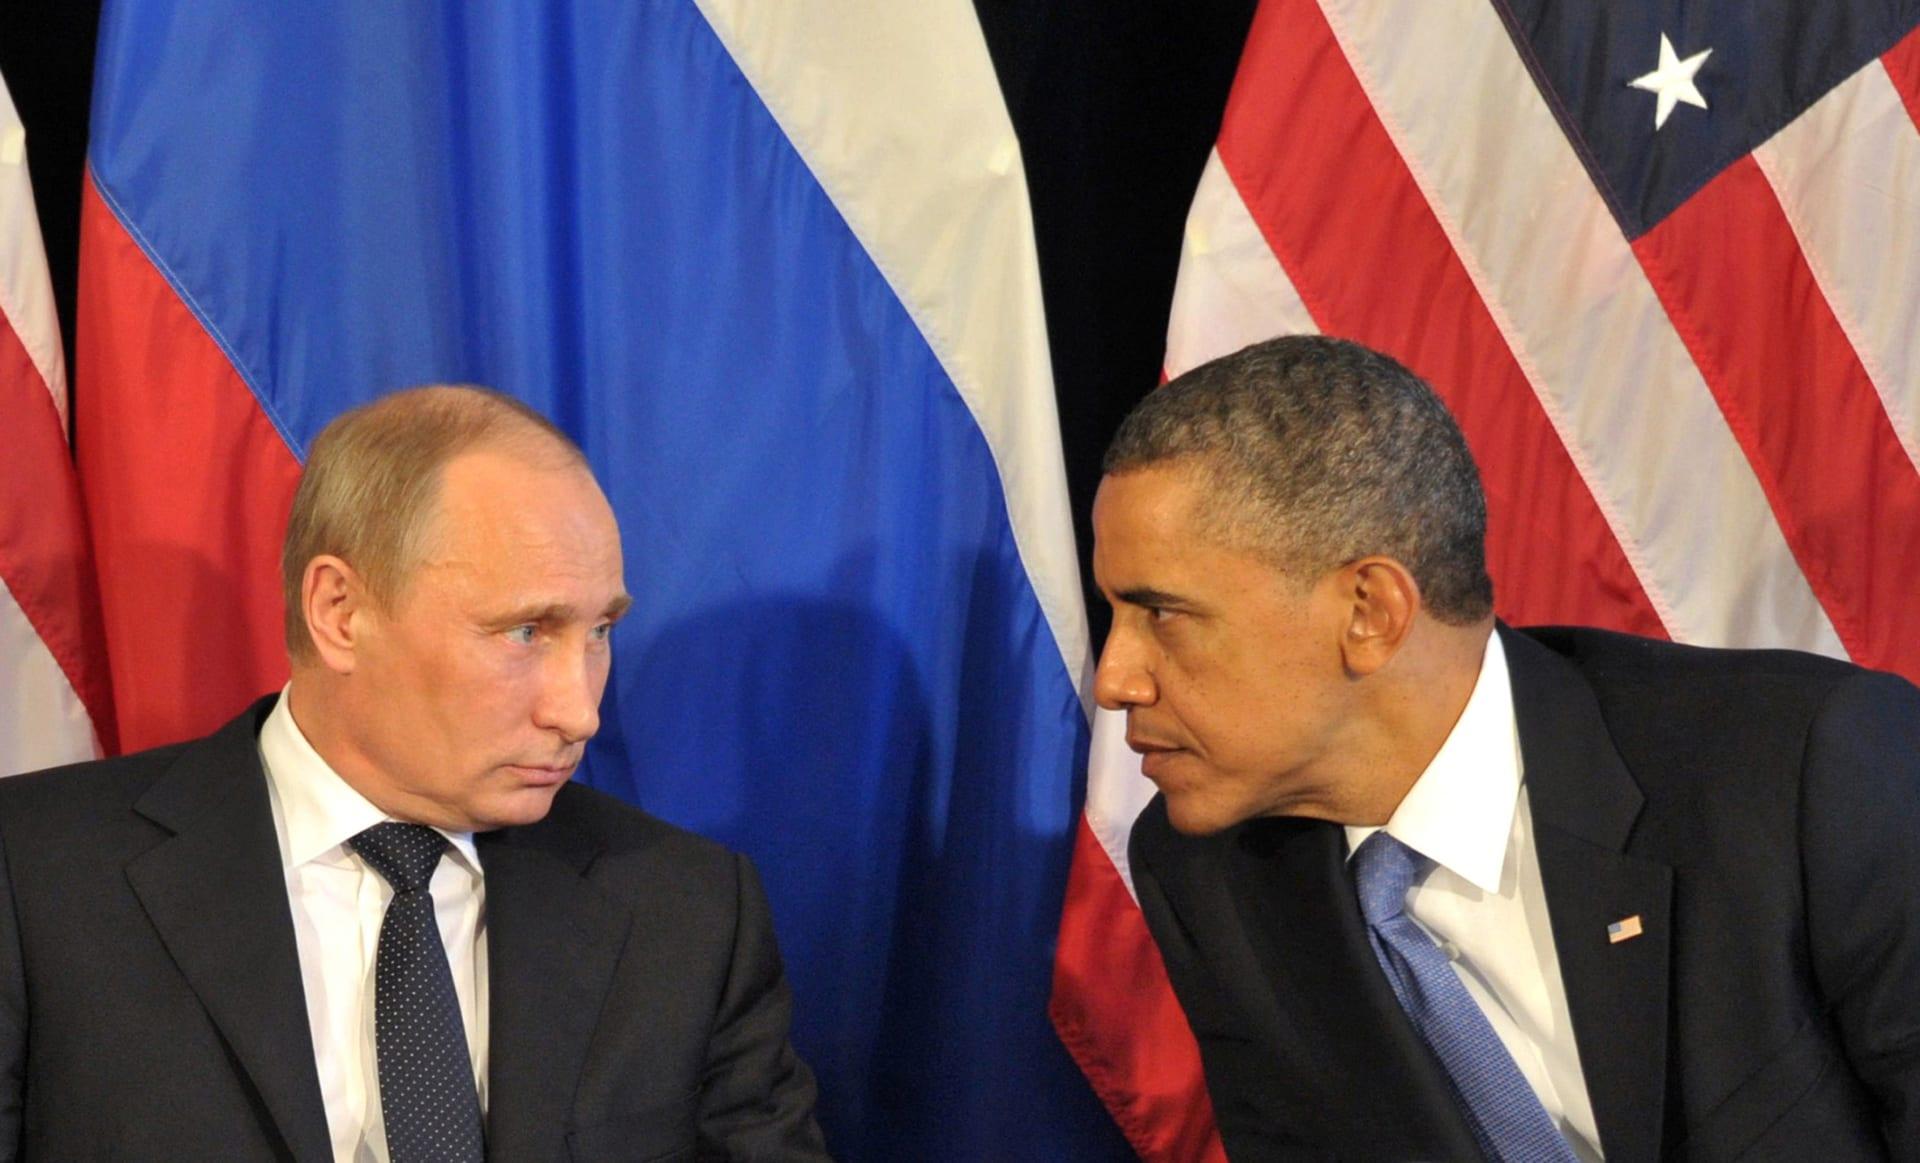 شبكتنا تكشف الخبر أولا: خوفا من حرب إلكترونية حقيقية بين القوتين.. روسيا وأمريكا تجتمعان لبحث الأمن الإلكتروني